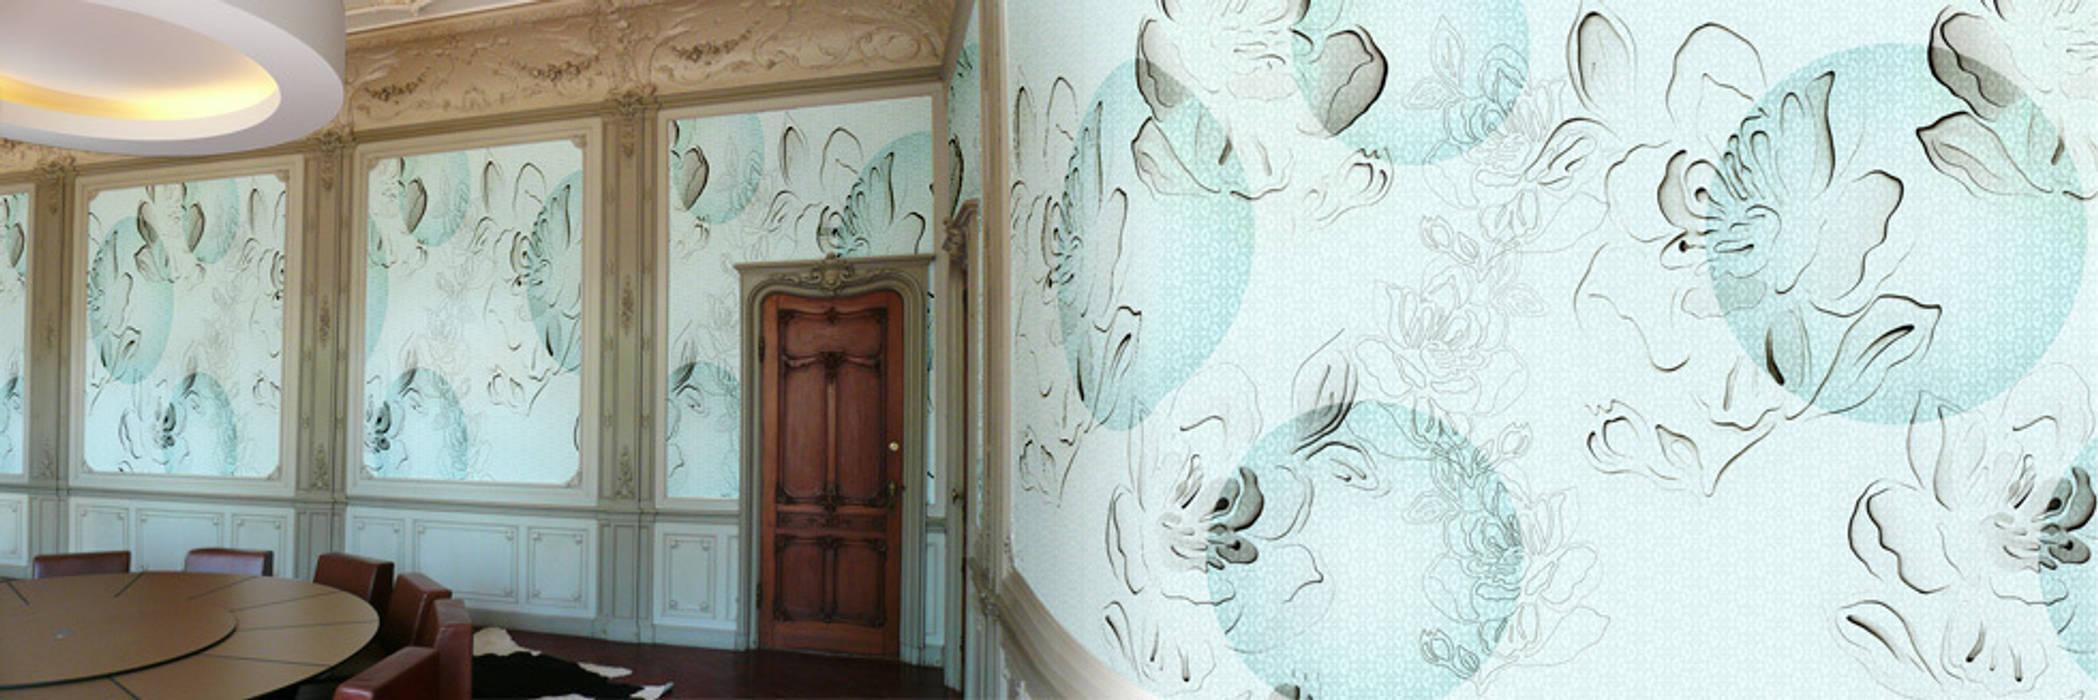 Muurbloem Design Studio_Collection Senses_FirstLook_IBL: modern  door Muurbloem Design Studio, Modern